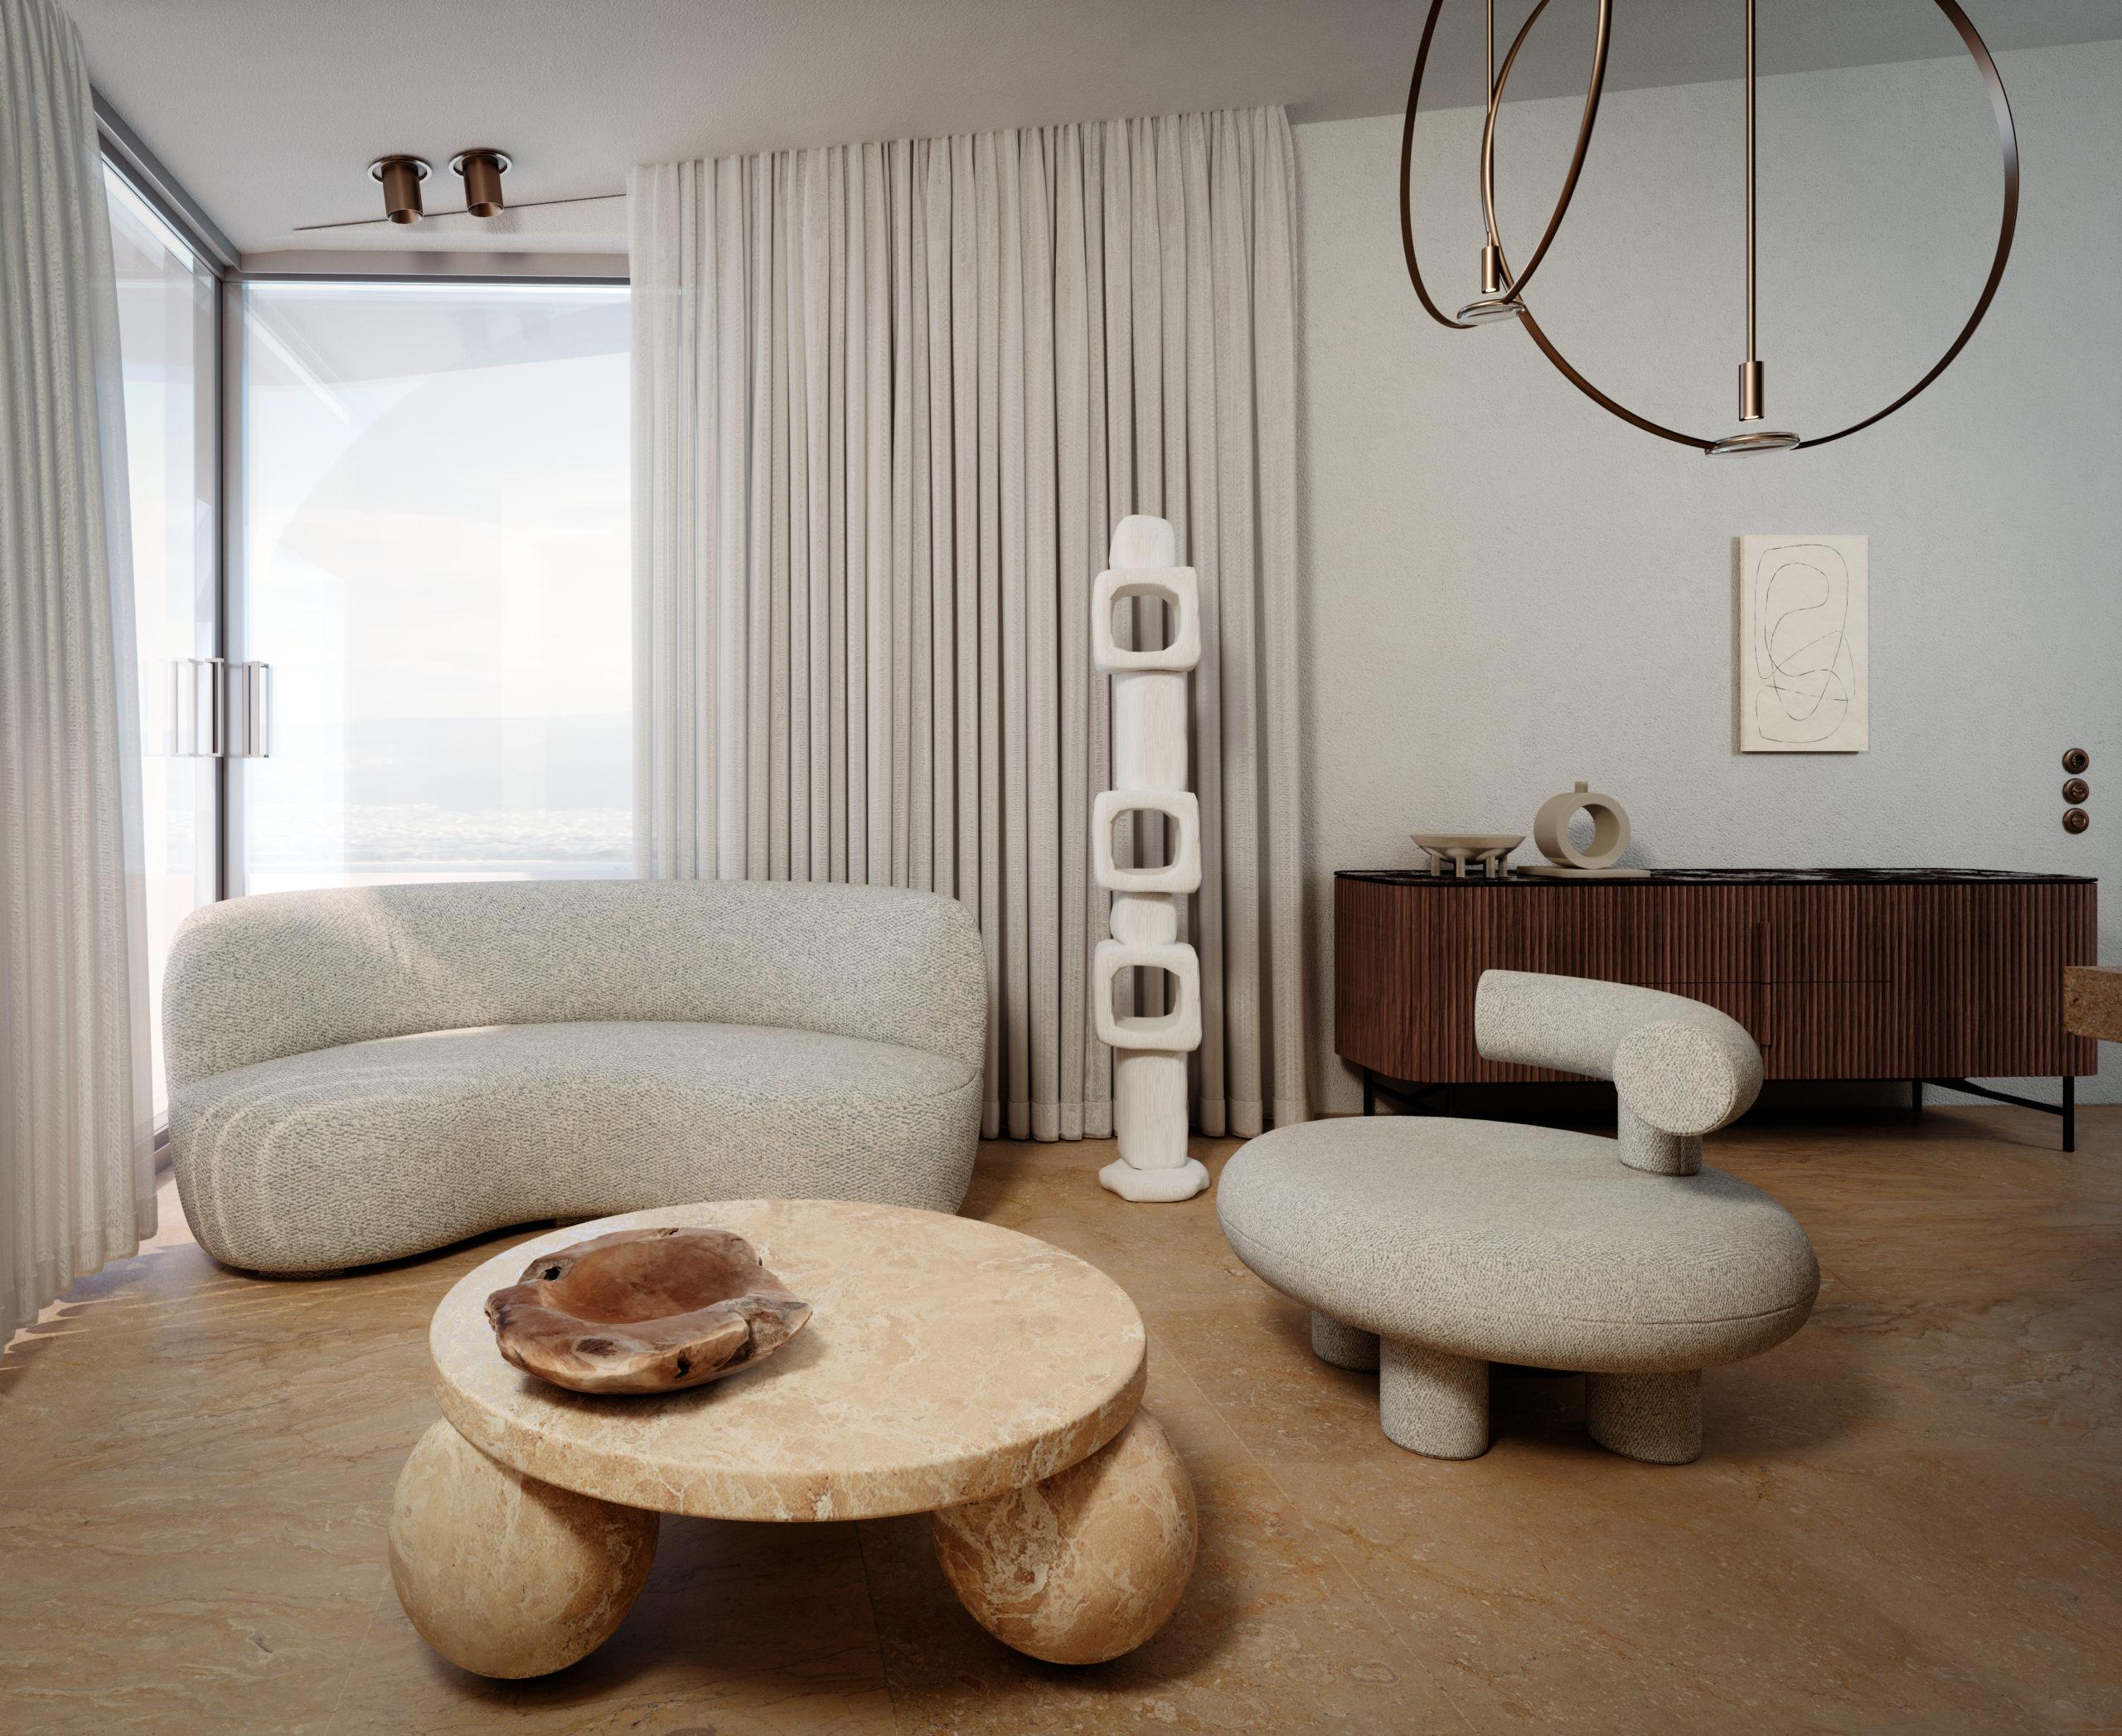 eclectic interior apartment